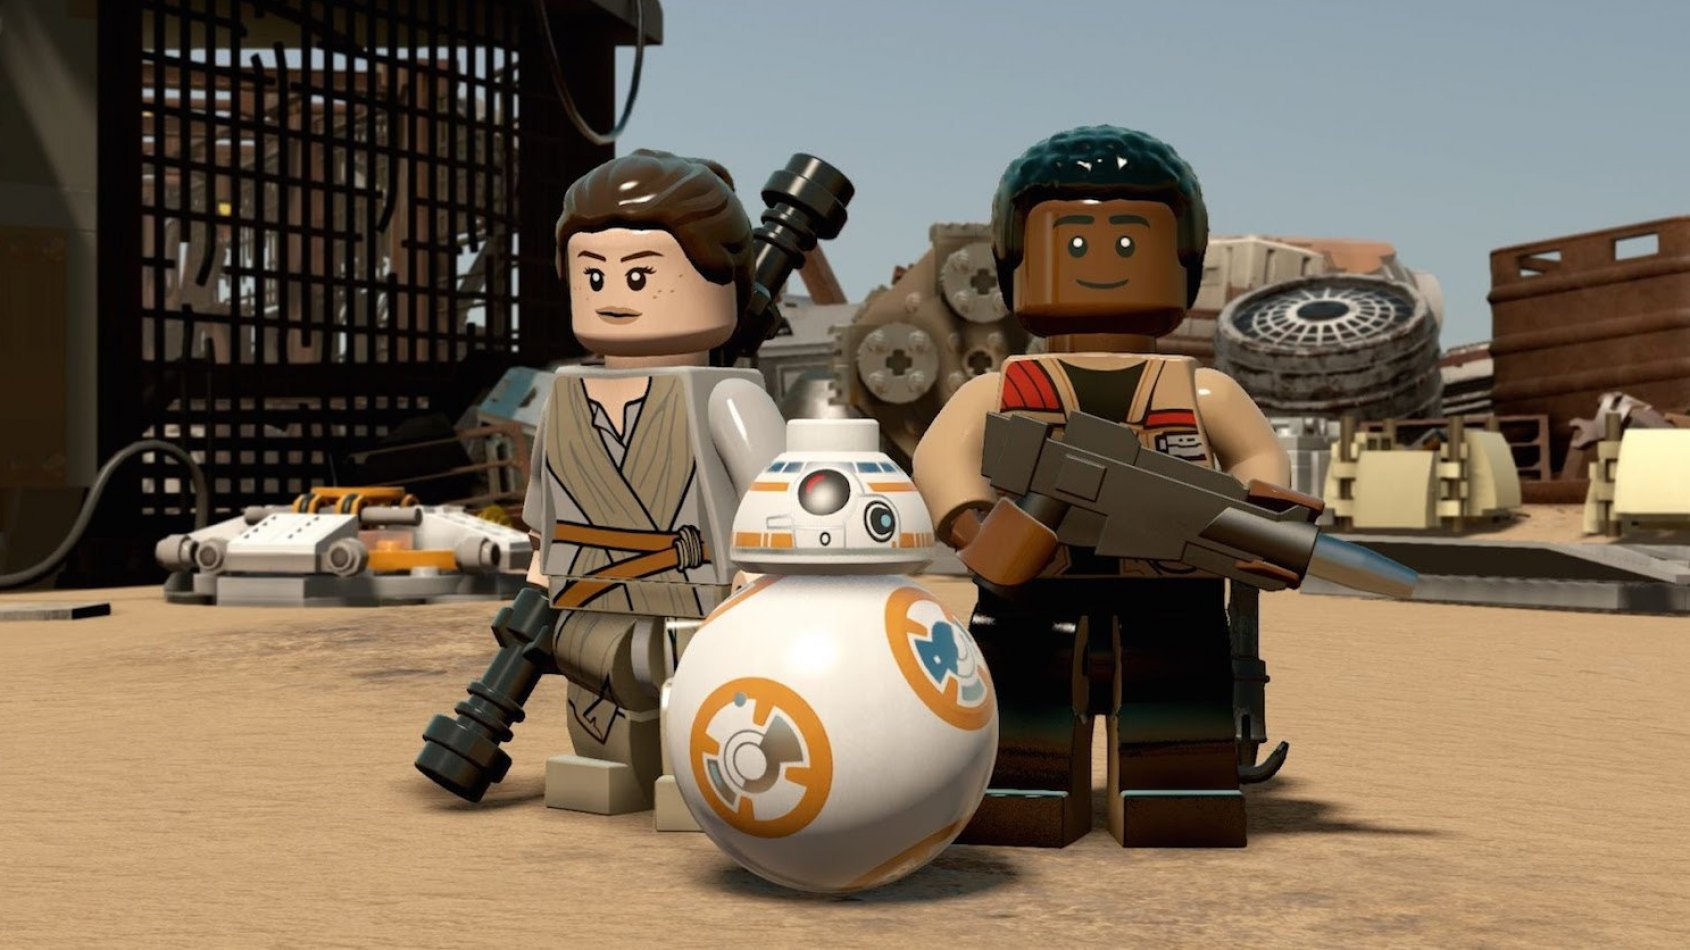 Lego Star Wars dévoile une nouvelle bande-annonce de son jeu-vidéo